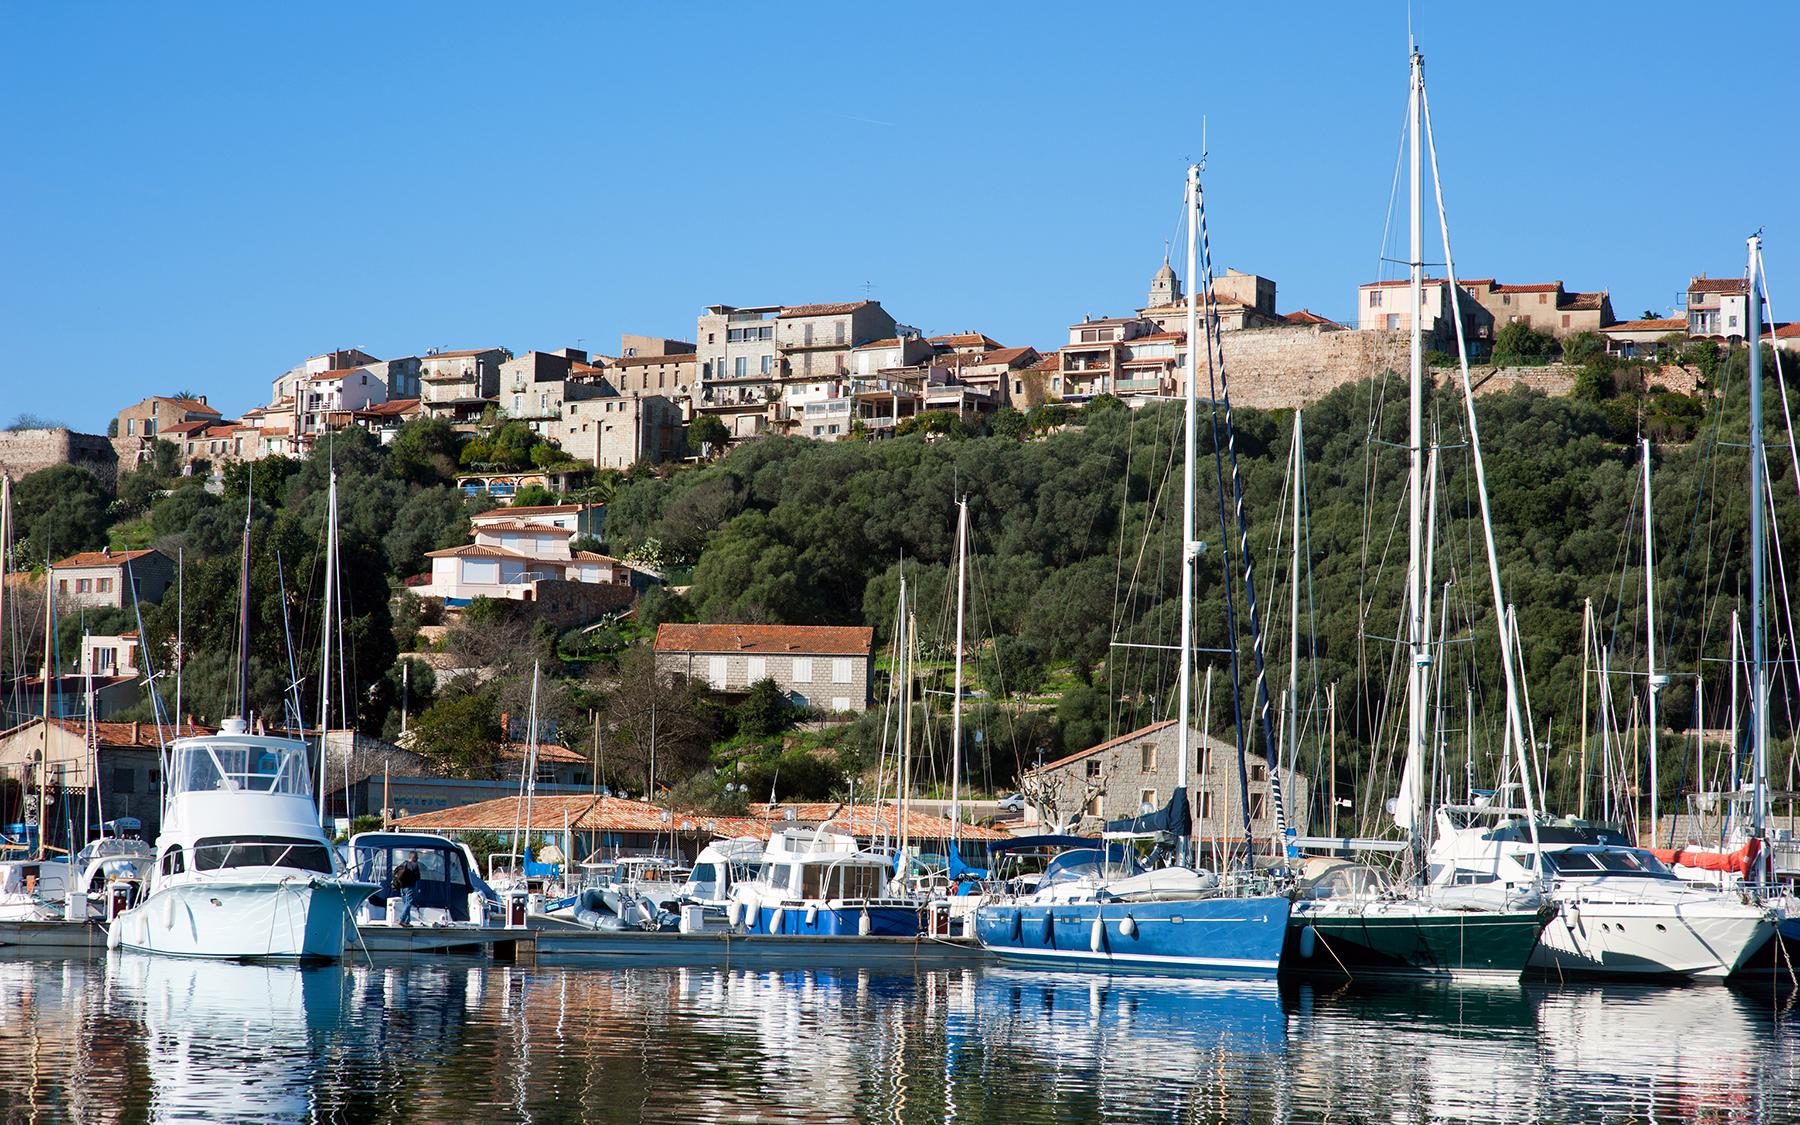 Coeur de ville porto vecchio sud corse - Plus grand port de plaisance d europe ...